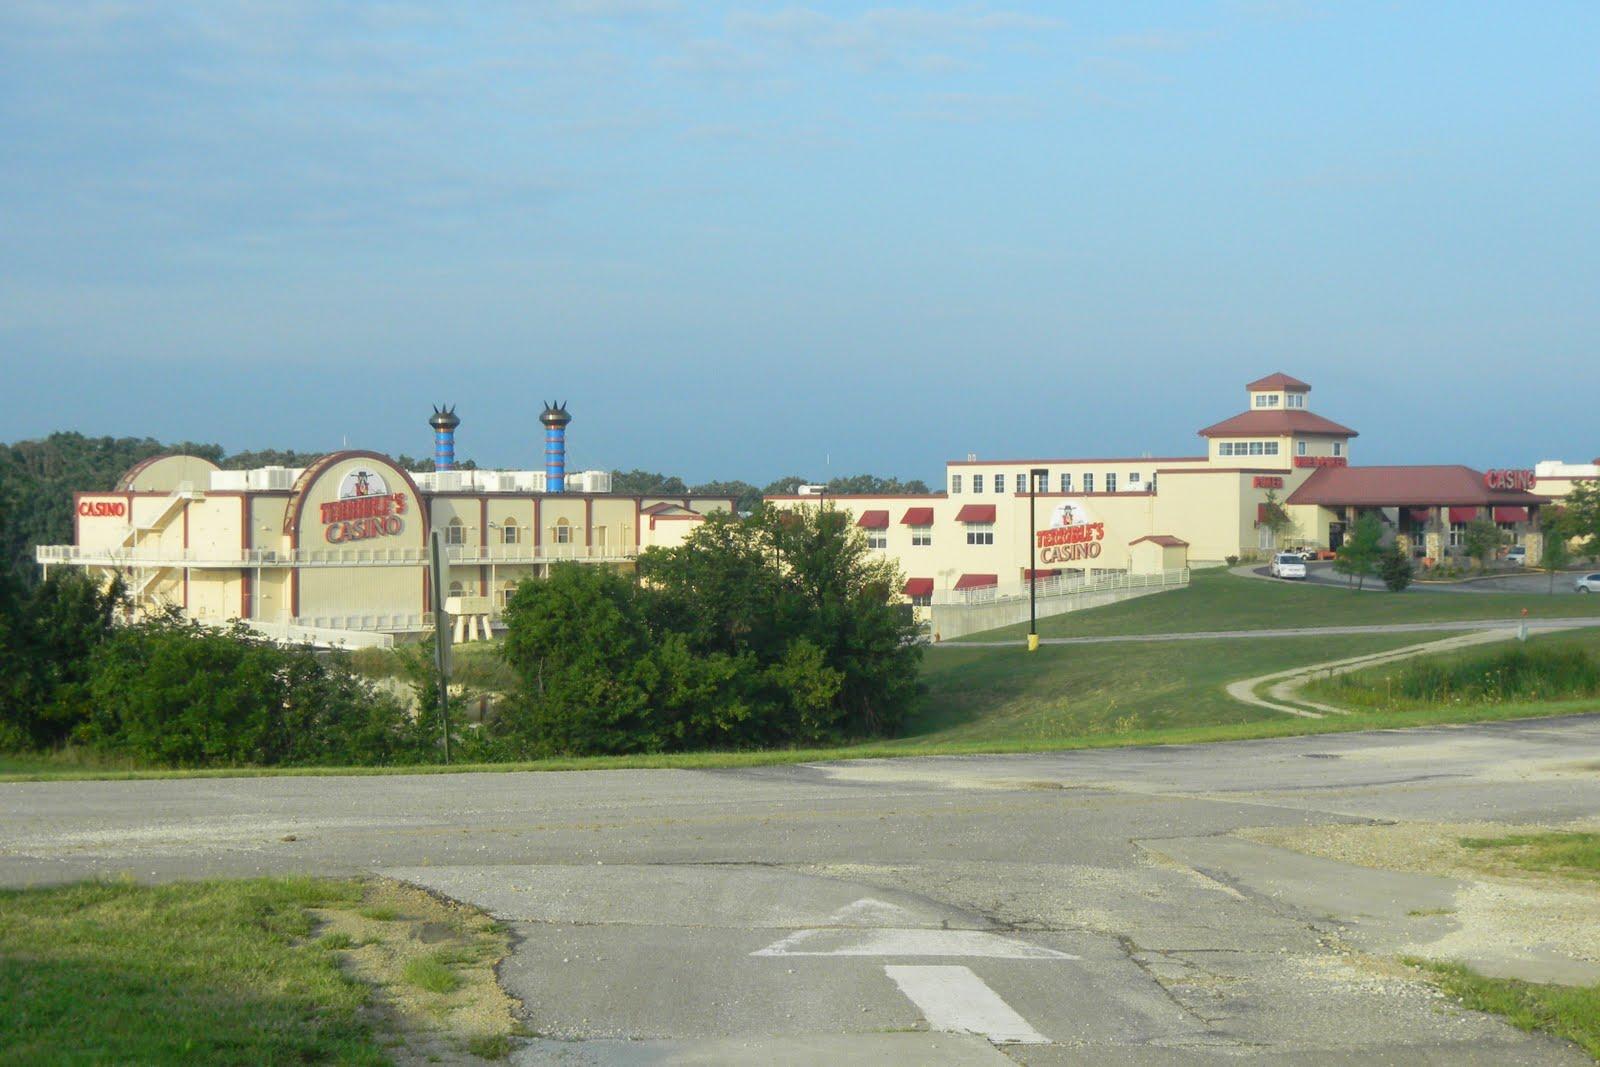 Terribles casino hotel osceola iowa casino kickapoo